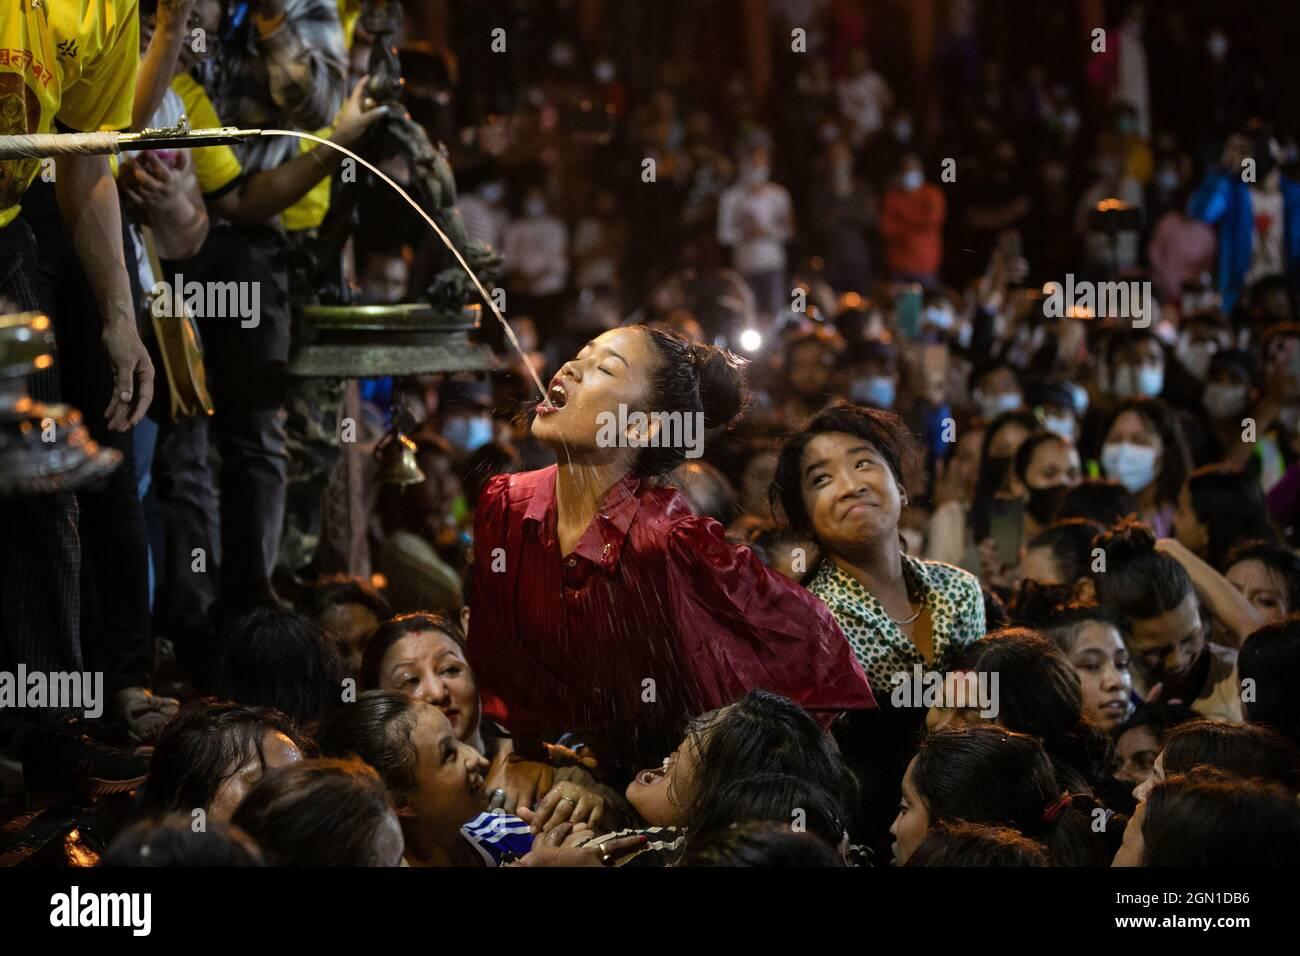 Katmandou, Népal. 21 septembre 2021. Les femmes népalaises luttent pour boire de l'alcool maison de la bouche de Deity Swet Bhairav comme des bénédictions pendant le festival Indra Jatra.le festival annuel, nommé d'après Indra, le dieu de la pluie et du ciel, est célébré par le culte, la joie, le chant, la danse et la fête dans la vallée de Katmandou pour marquer la fin de la saison de la mousson. Indra, la déesse vivante Kumari et d'autres divinités sont adorés pendant le festival. Crédit : SOPA Images Limited/Alamy Live News Banque D'Images